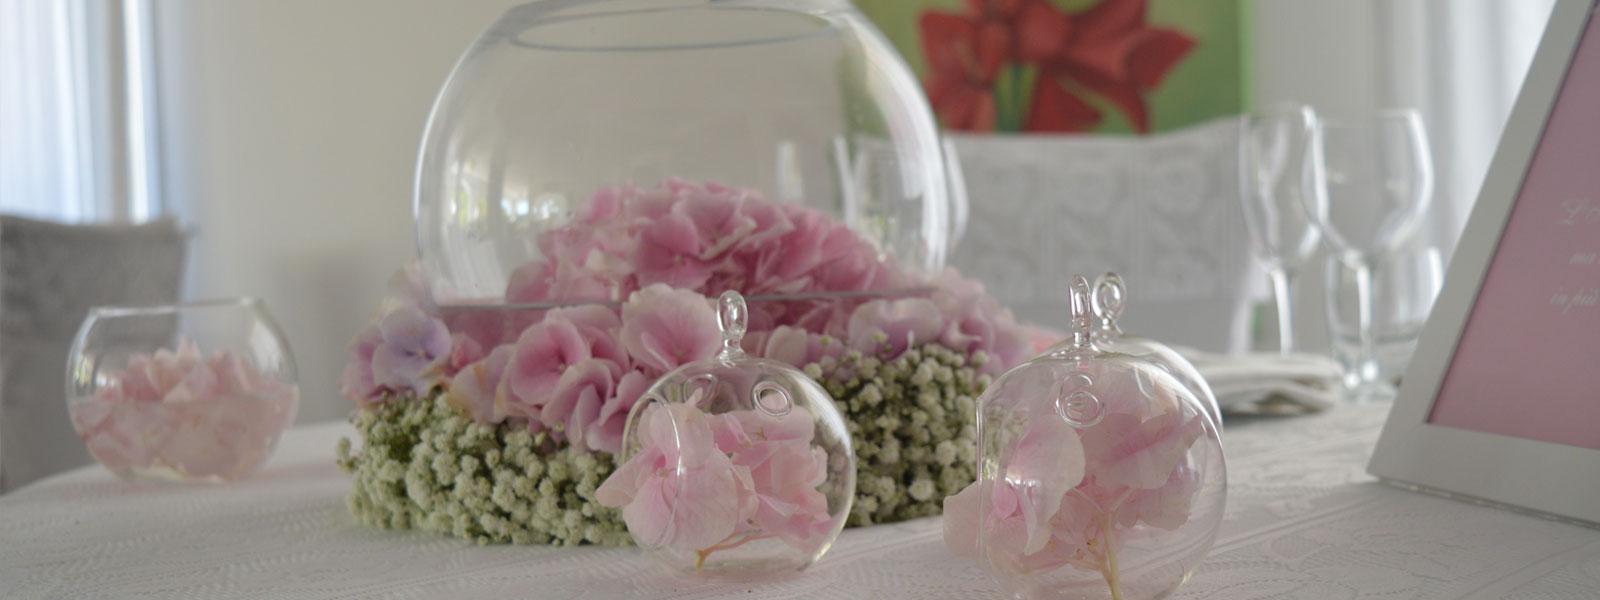 Un tavolo con bicchieri di vino e decorazione con dei fiori rosa dentro a dei vasi di cristallo